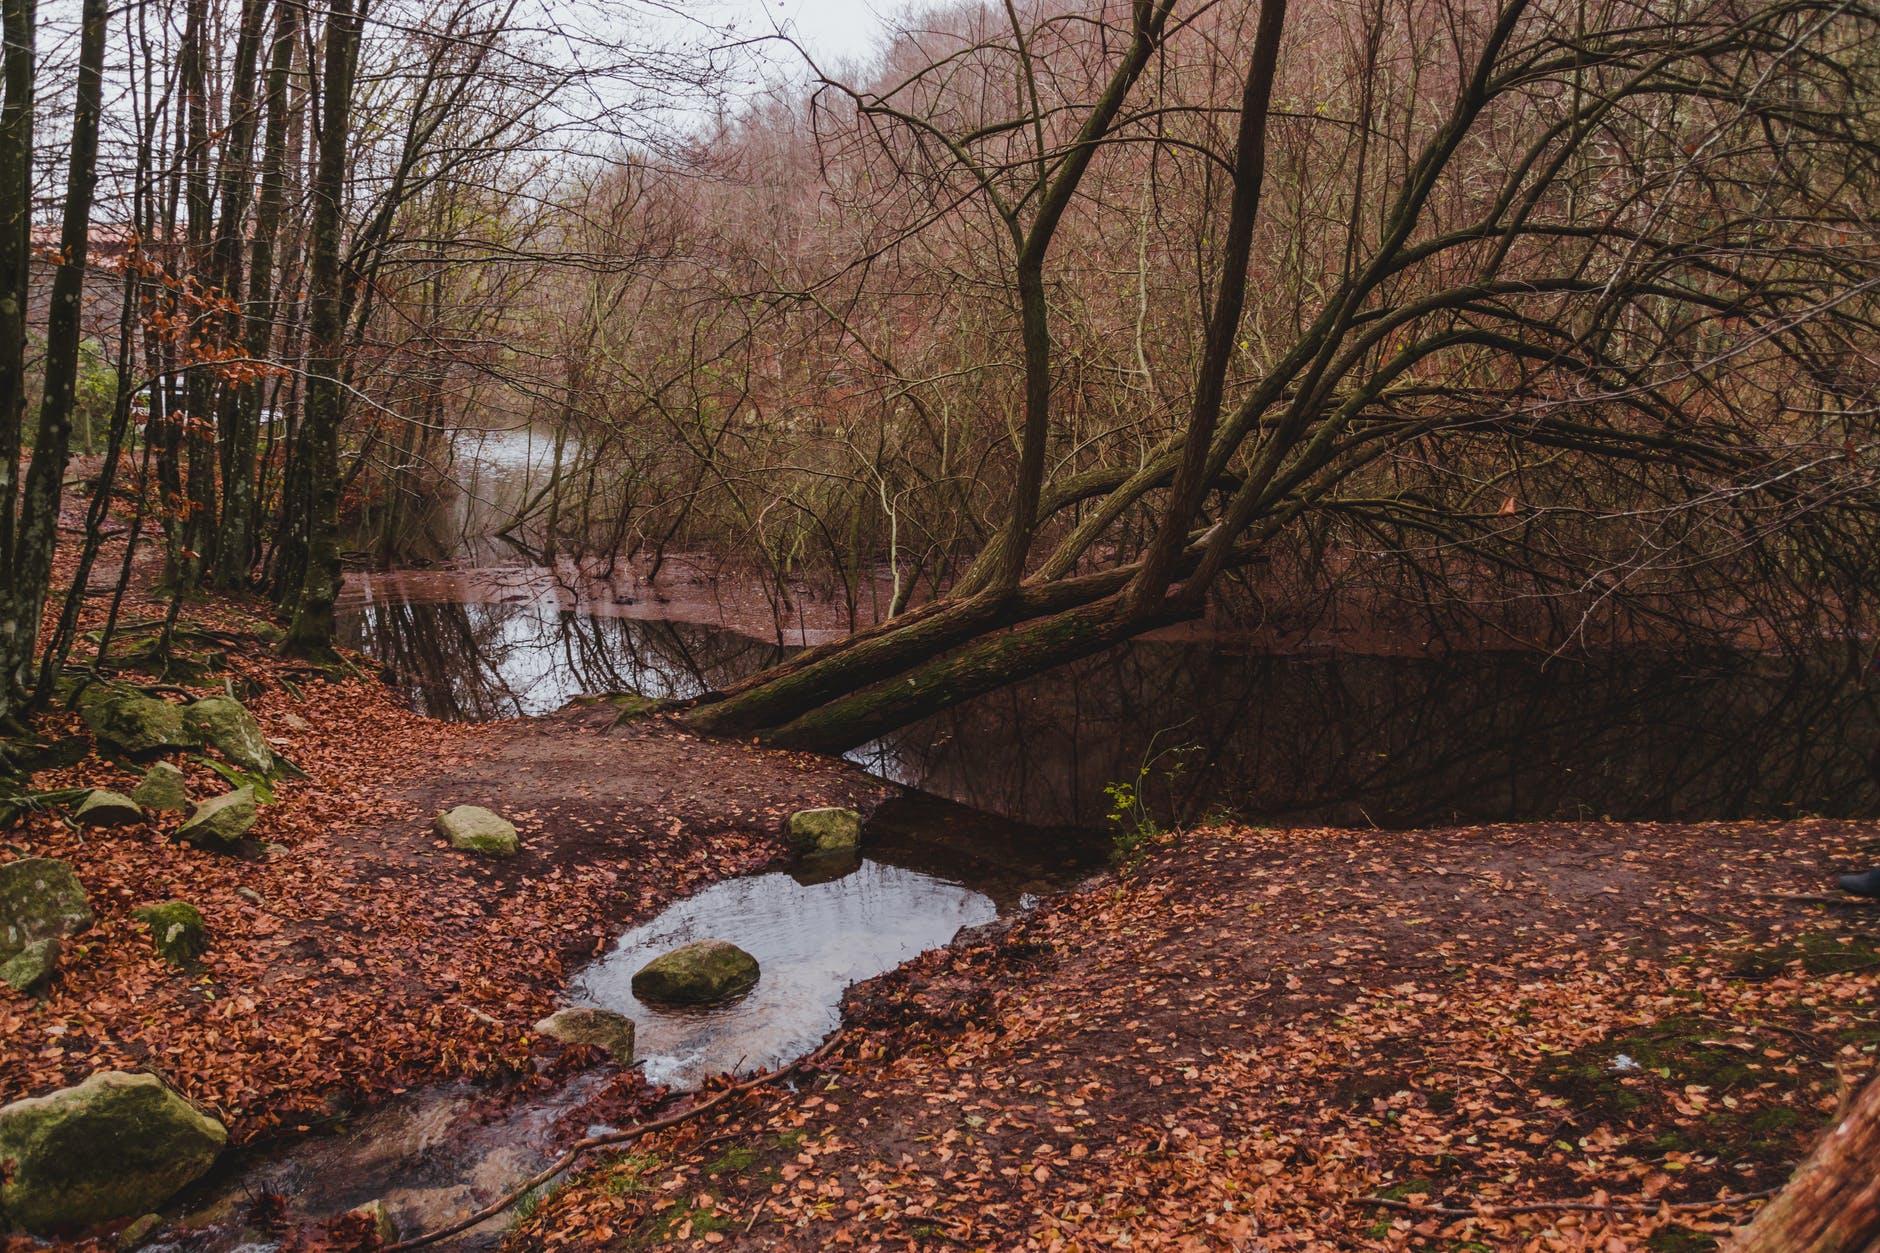 Filmes sobre o outono © Pexels